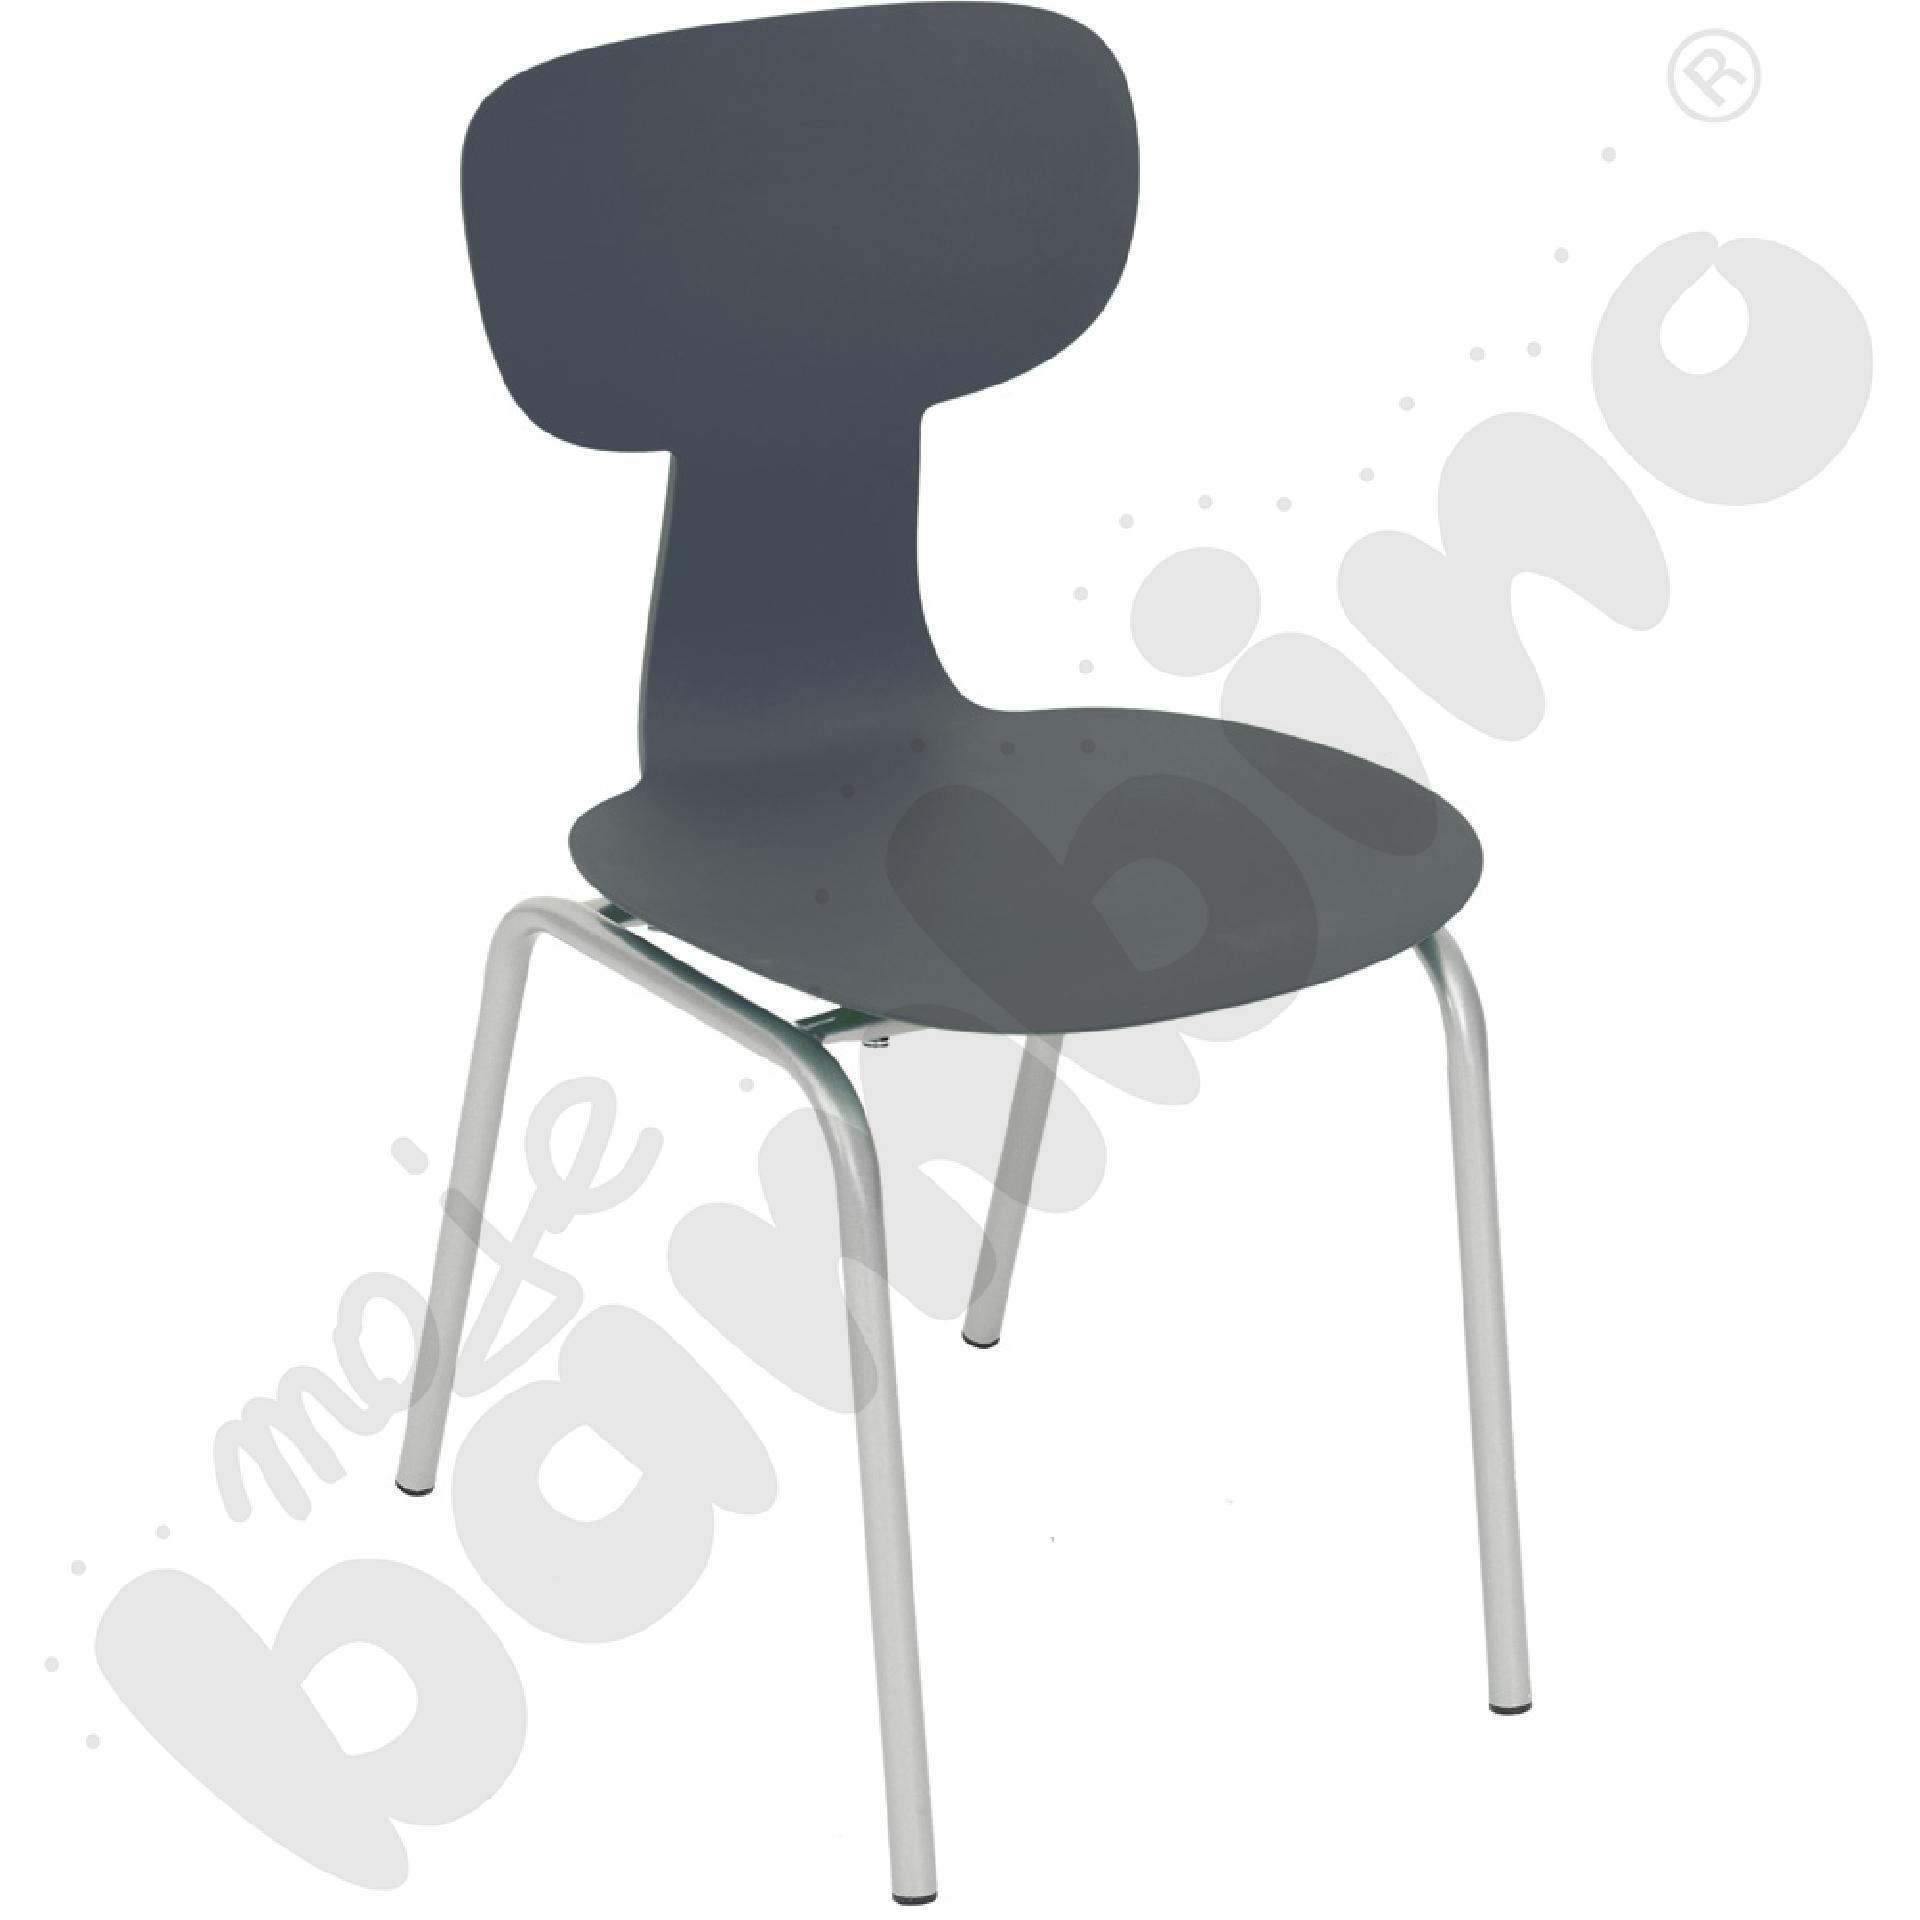 Krzesło Ergo rozm. 6 szare